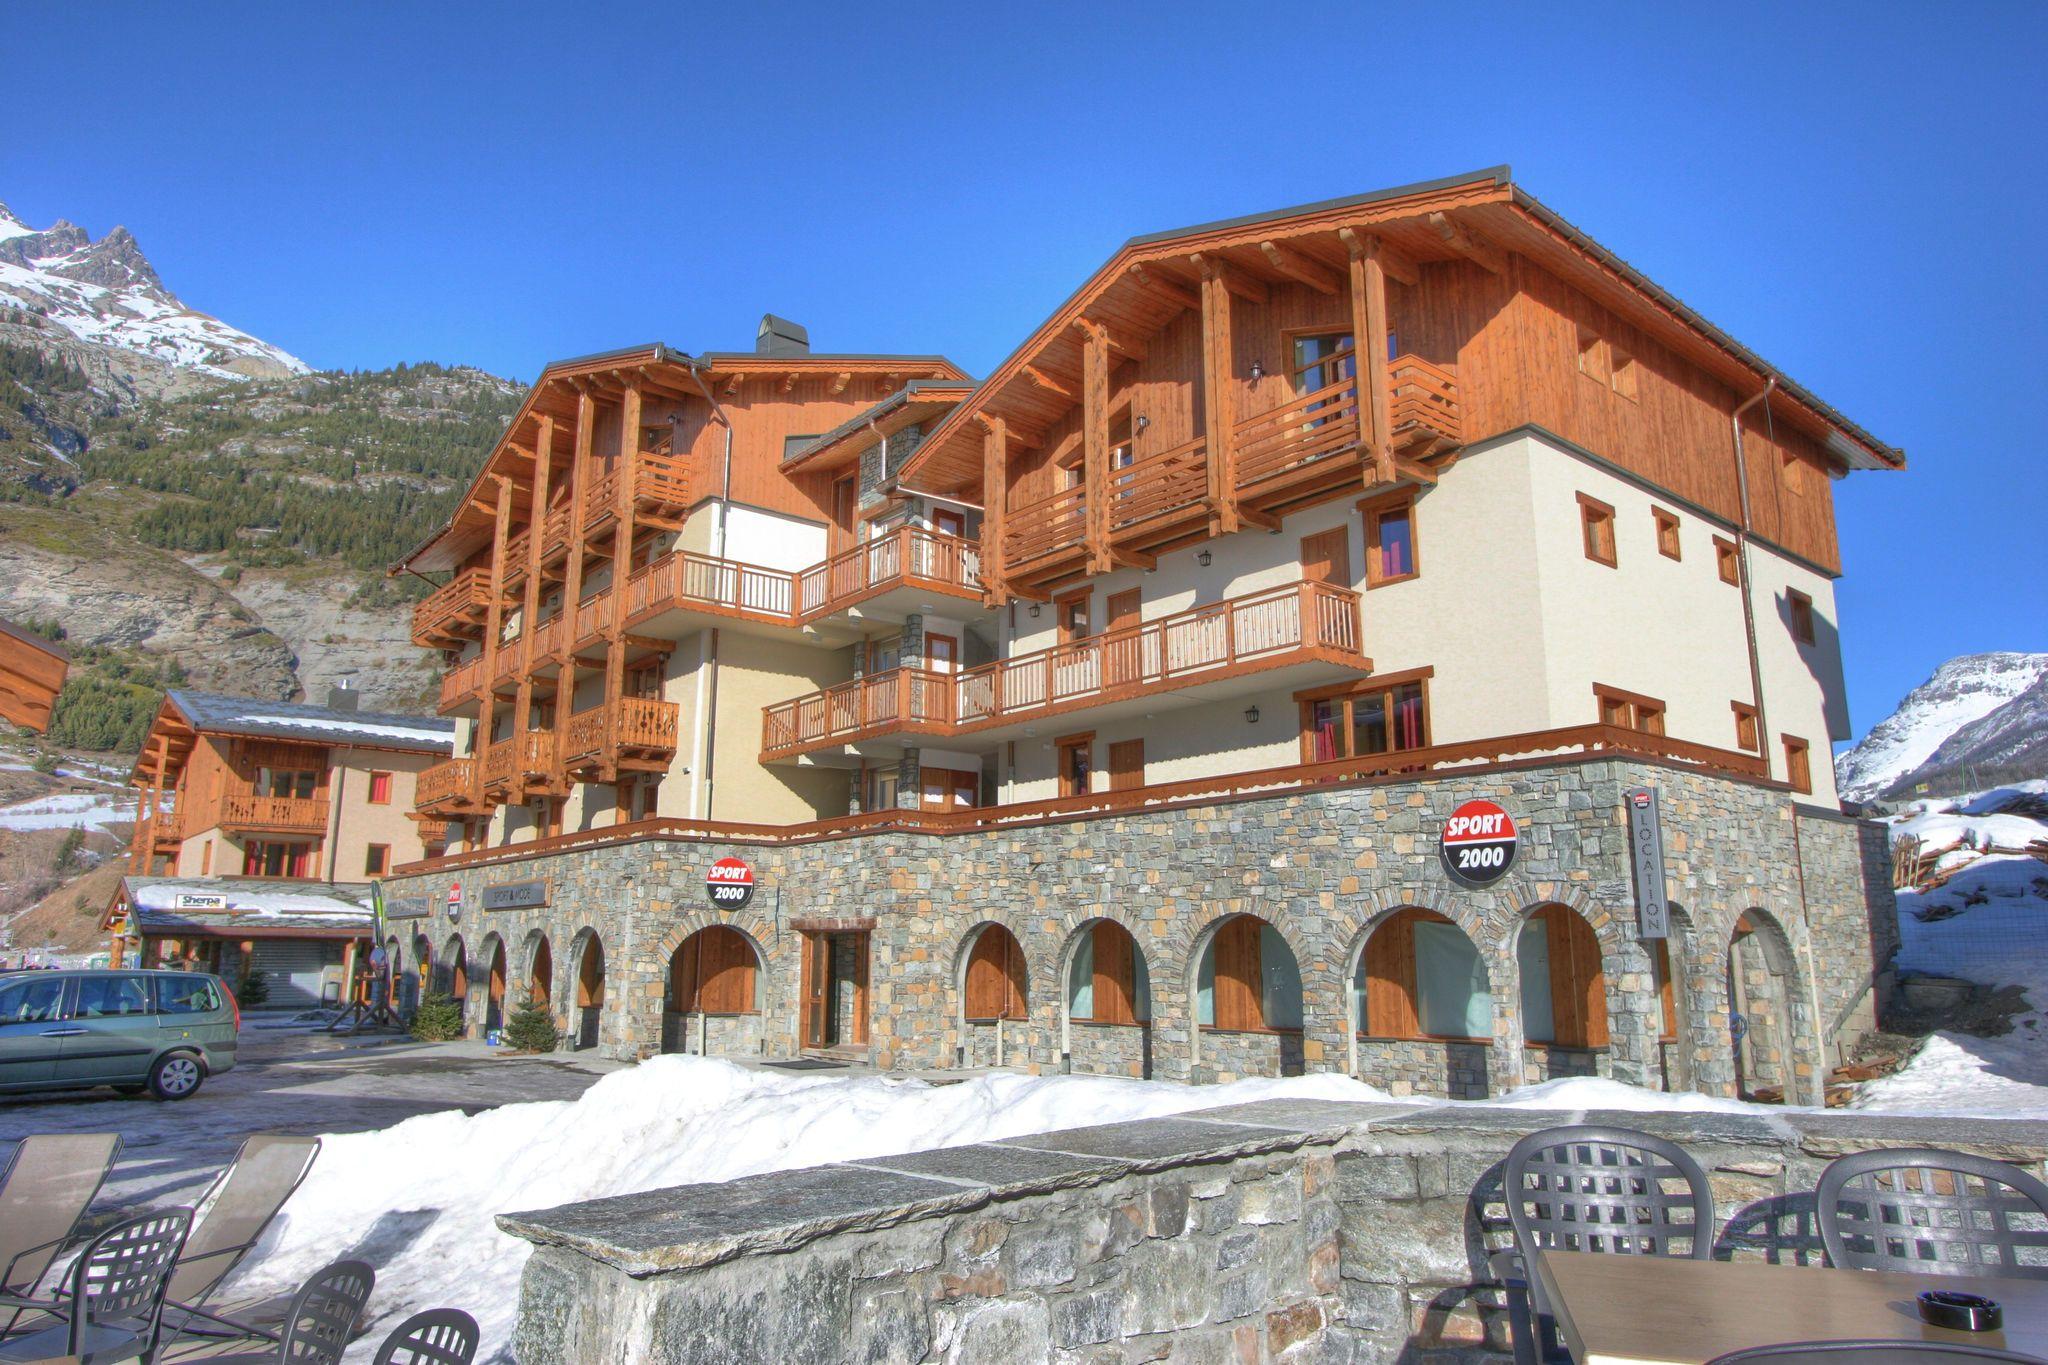 Alojamiento panorámico en Val cenis